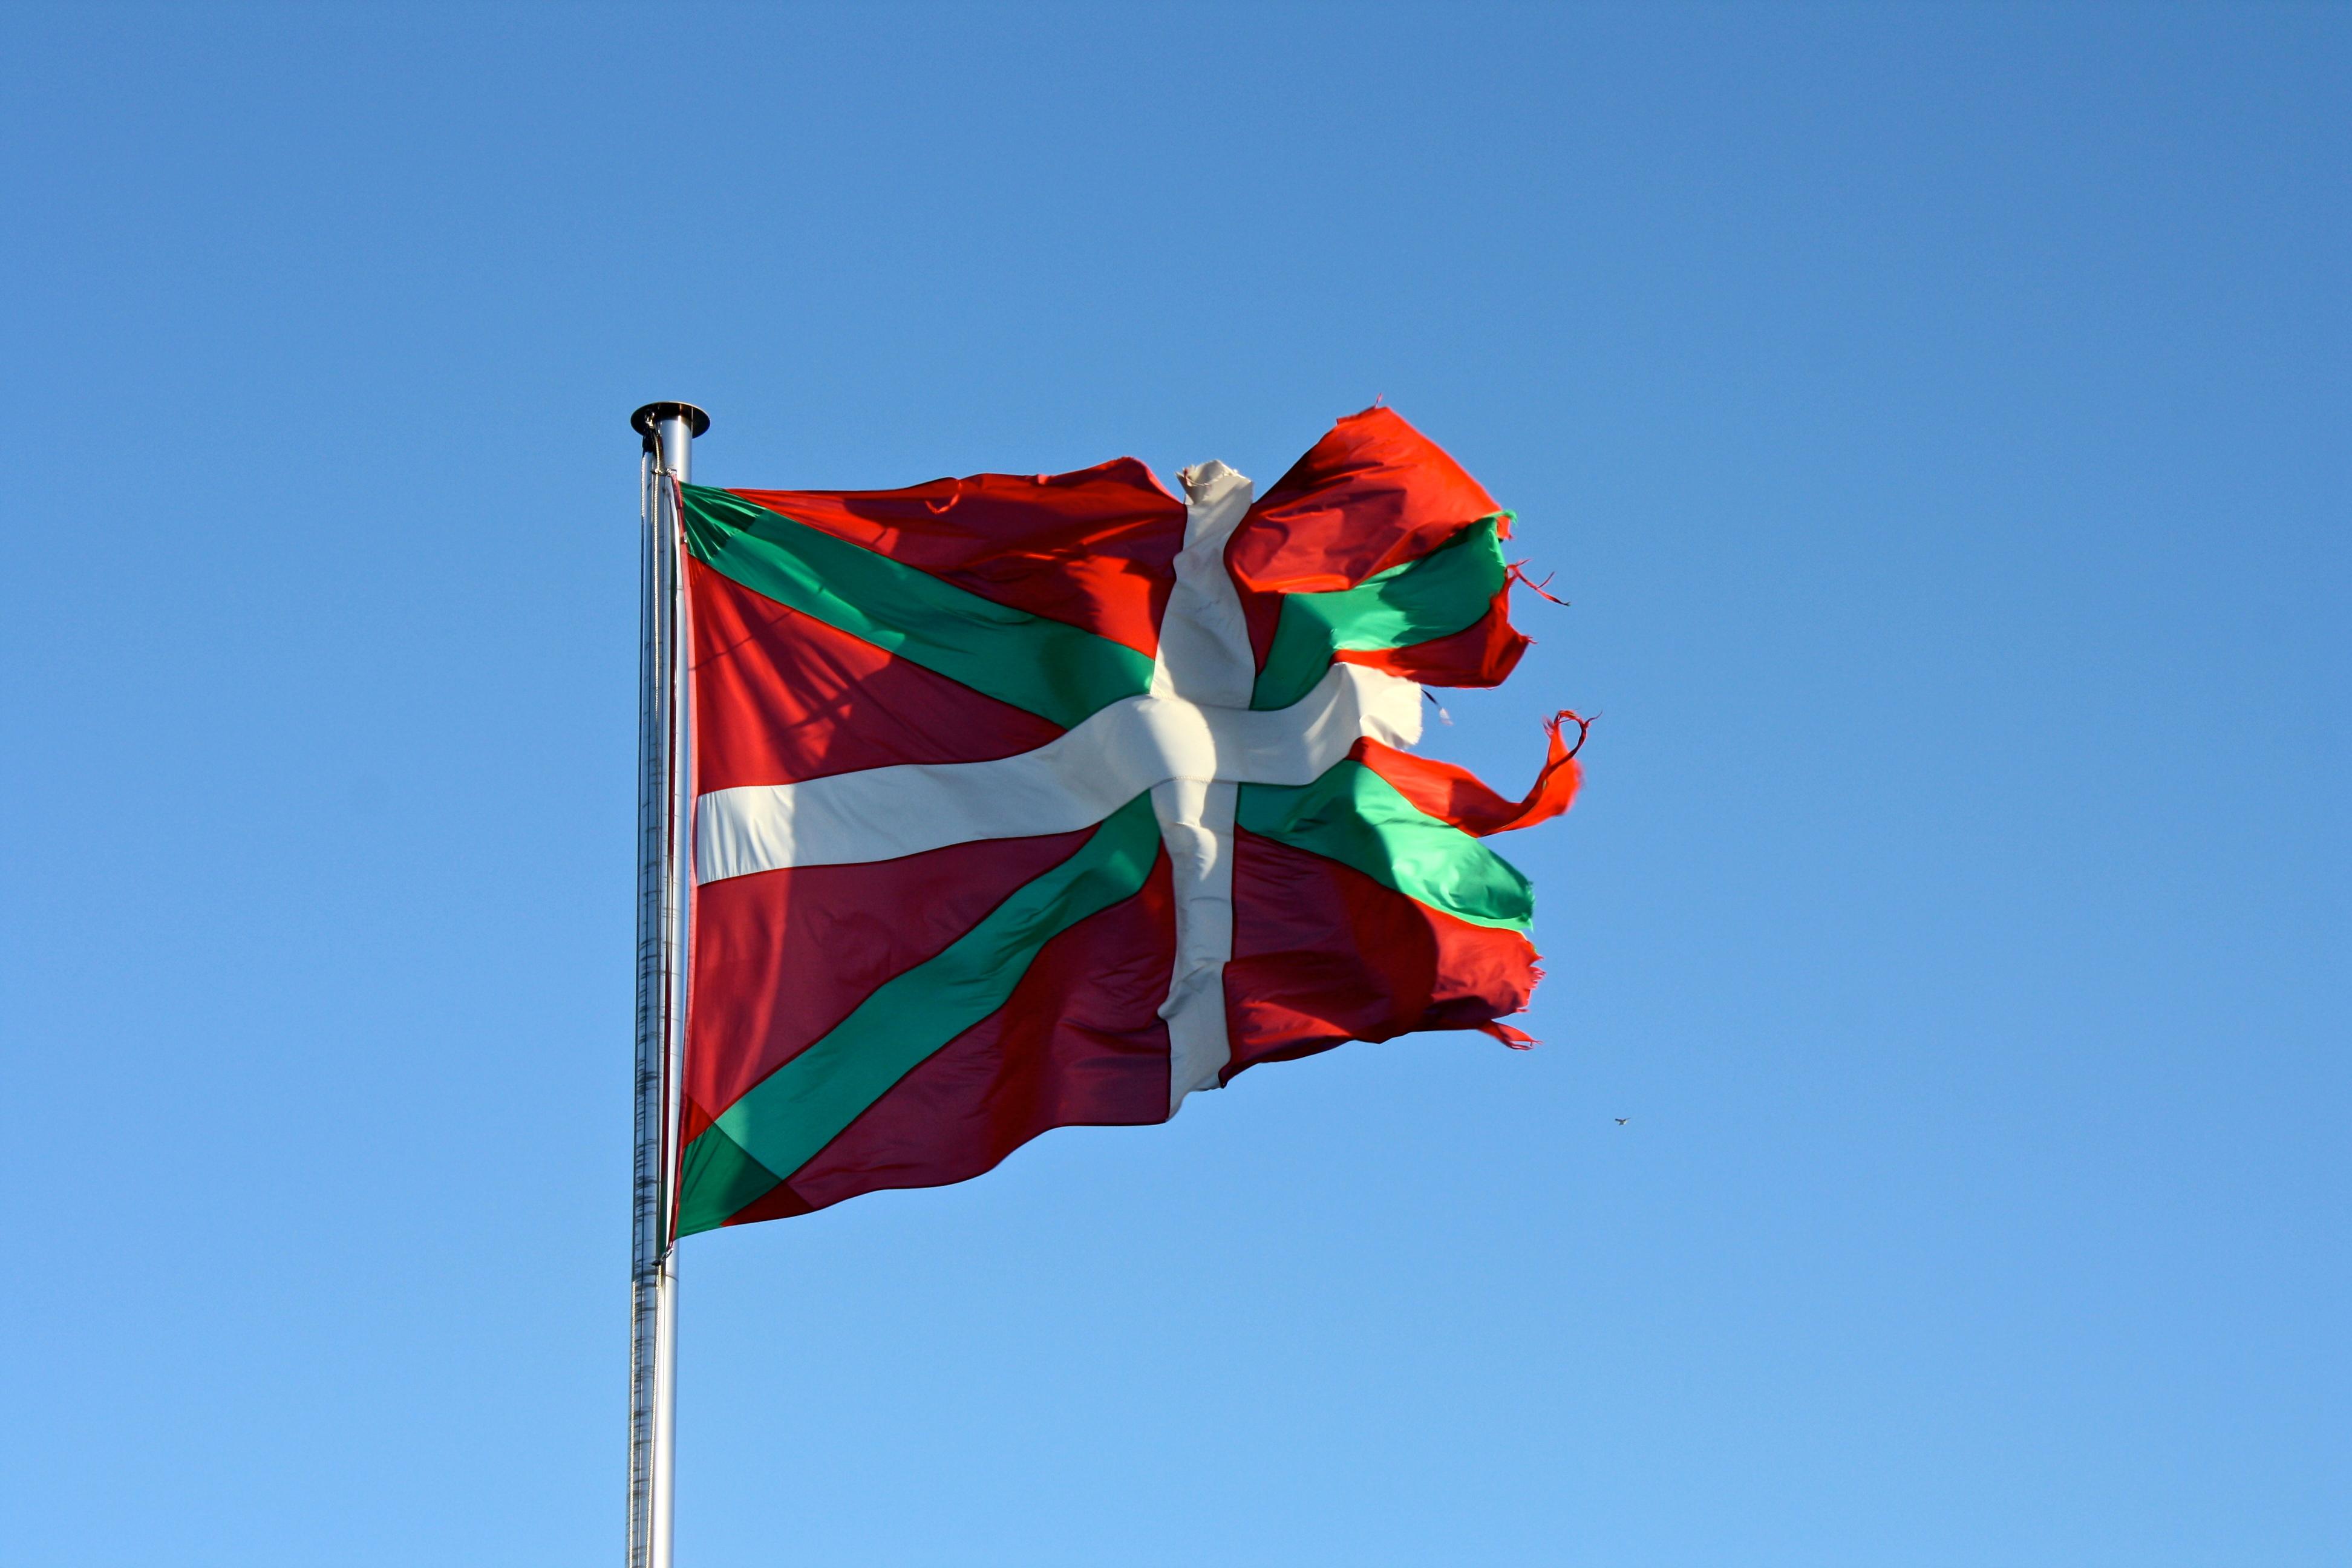 Флаг российской империи фото высокого разрешения